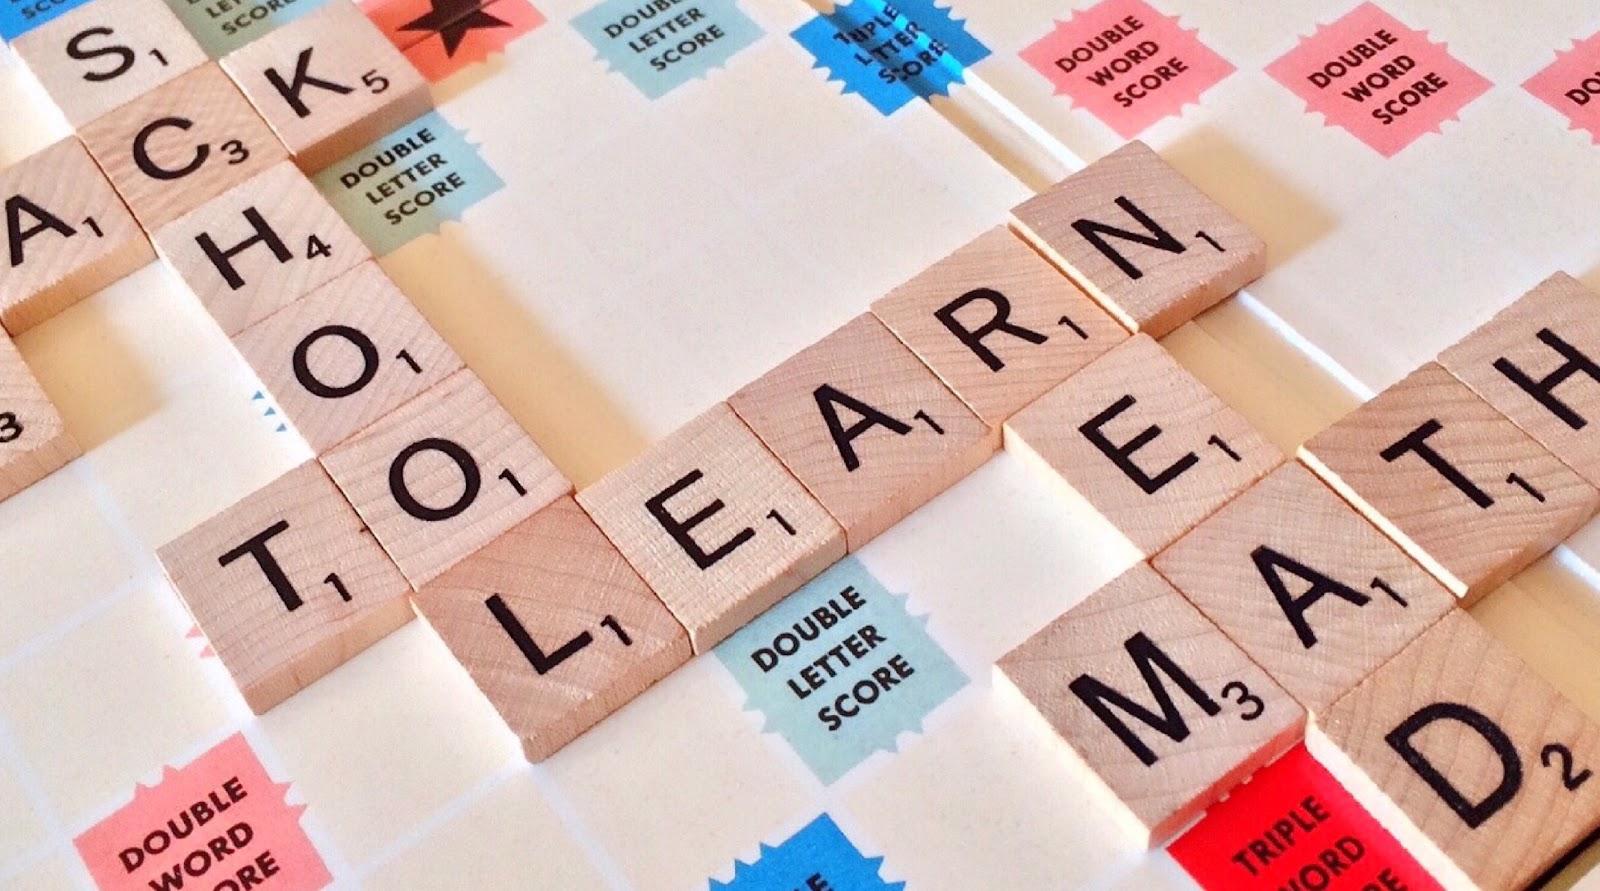 Jogo scrabble com as palavras School Learn em evidência - Saber inglês não é requisito para aprender programação